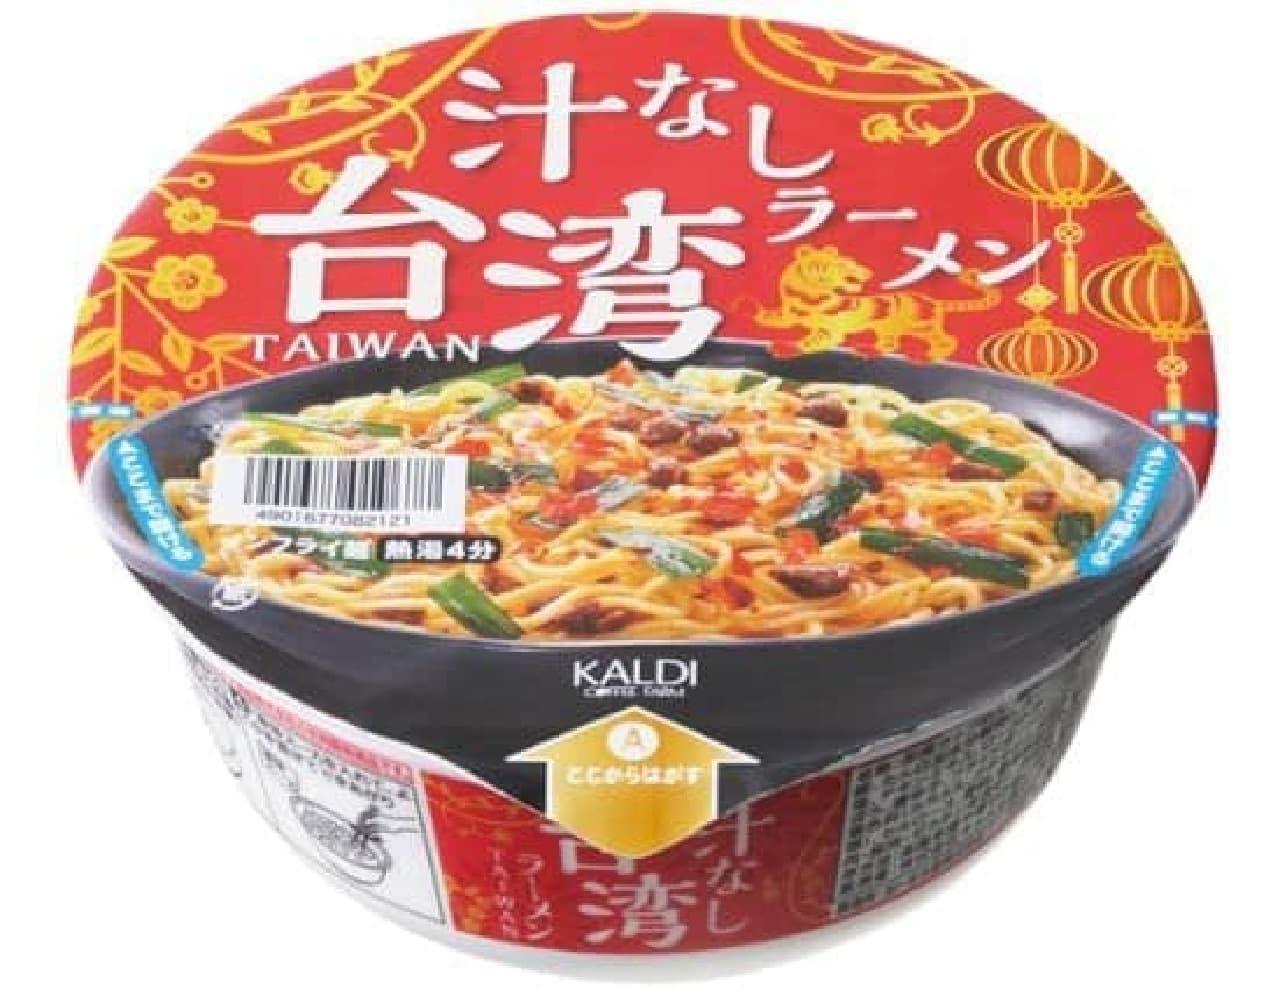 カルディ「オリジナル 汁なし台湾ラーメン」